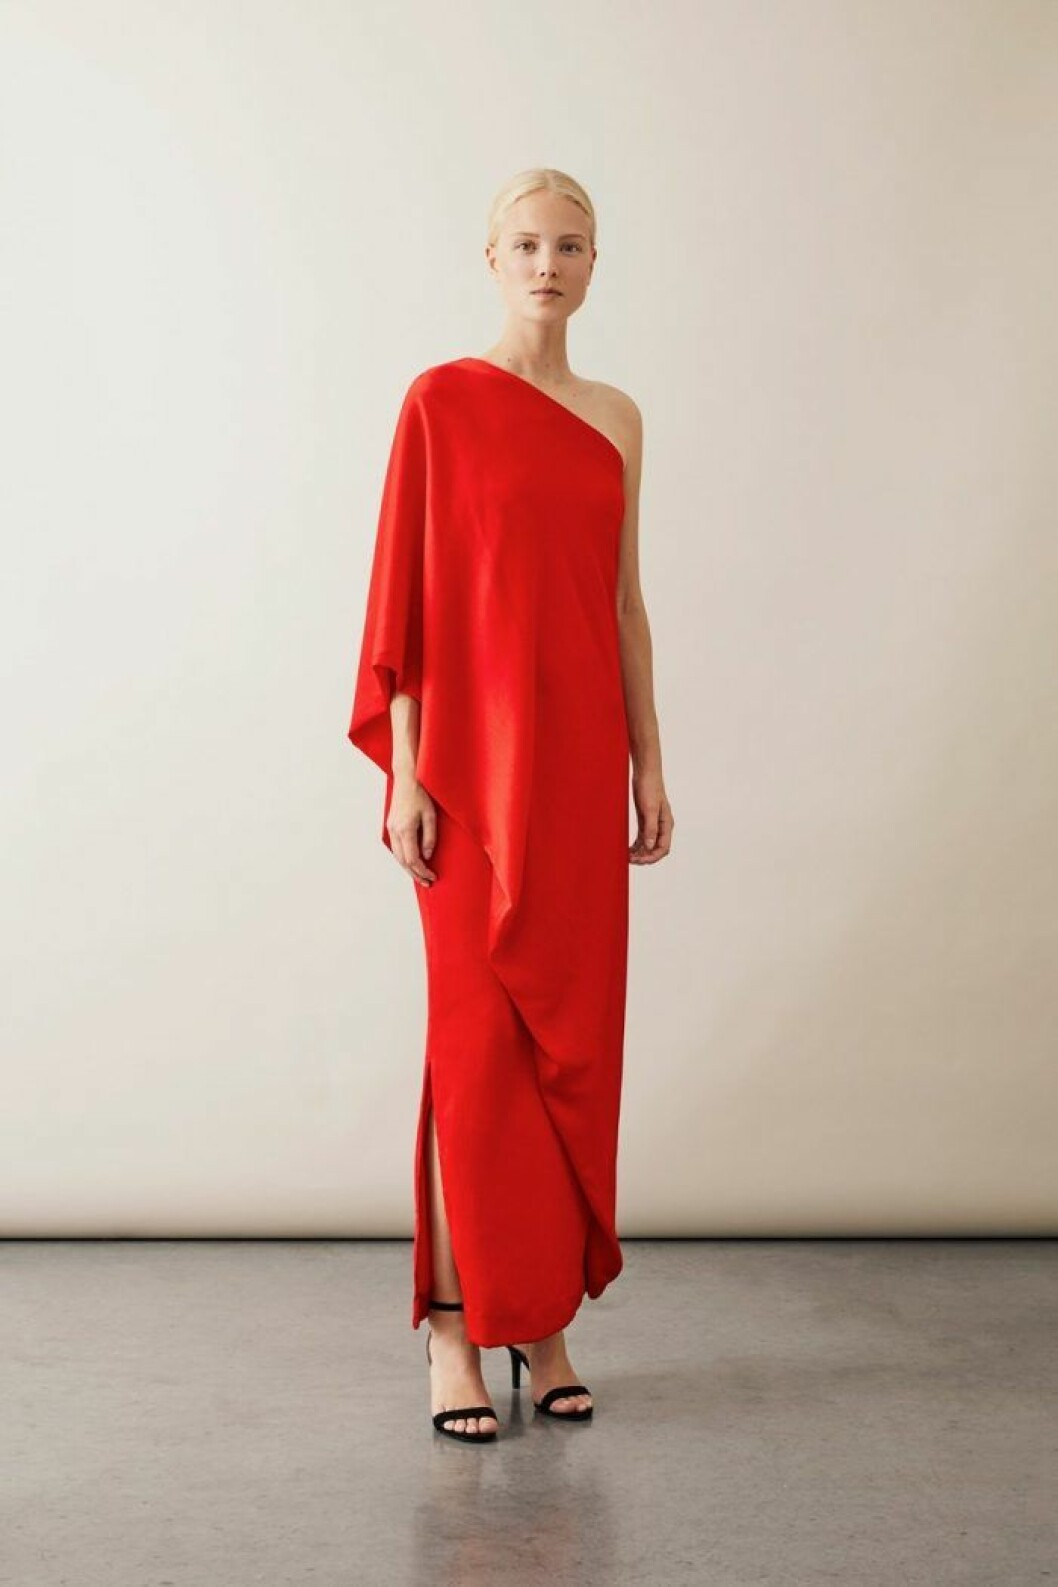 Röd klänning från Stylein